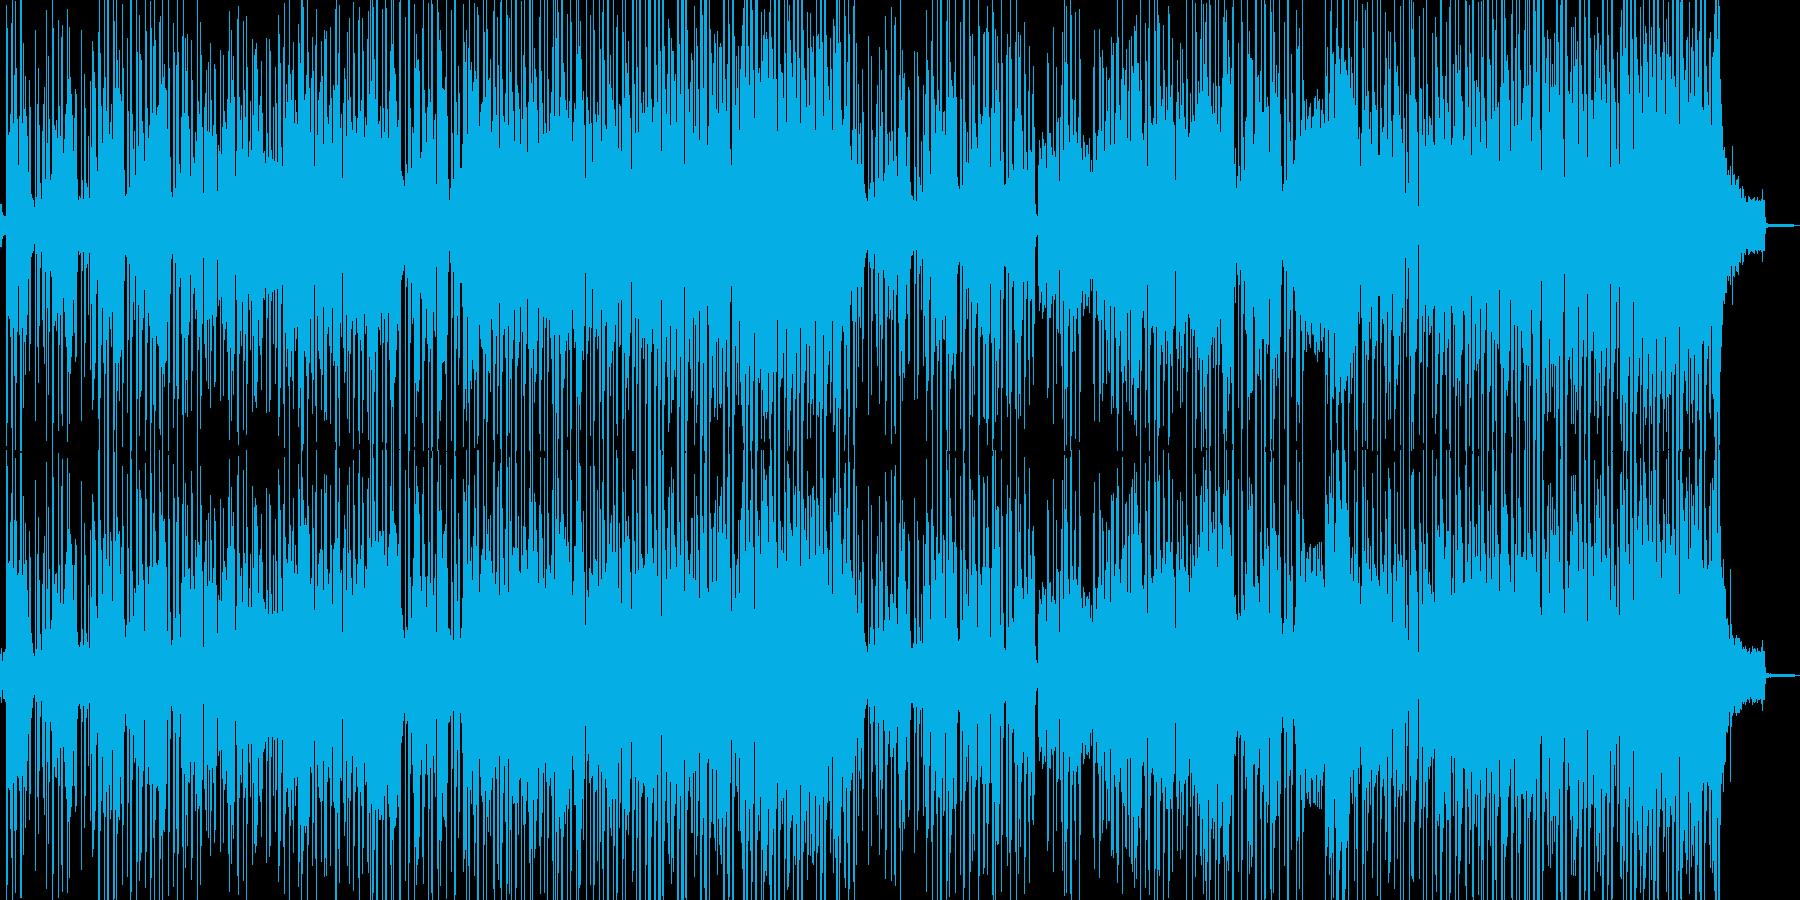 トランペットのミステリアスなBGMの再生済みの波形